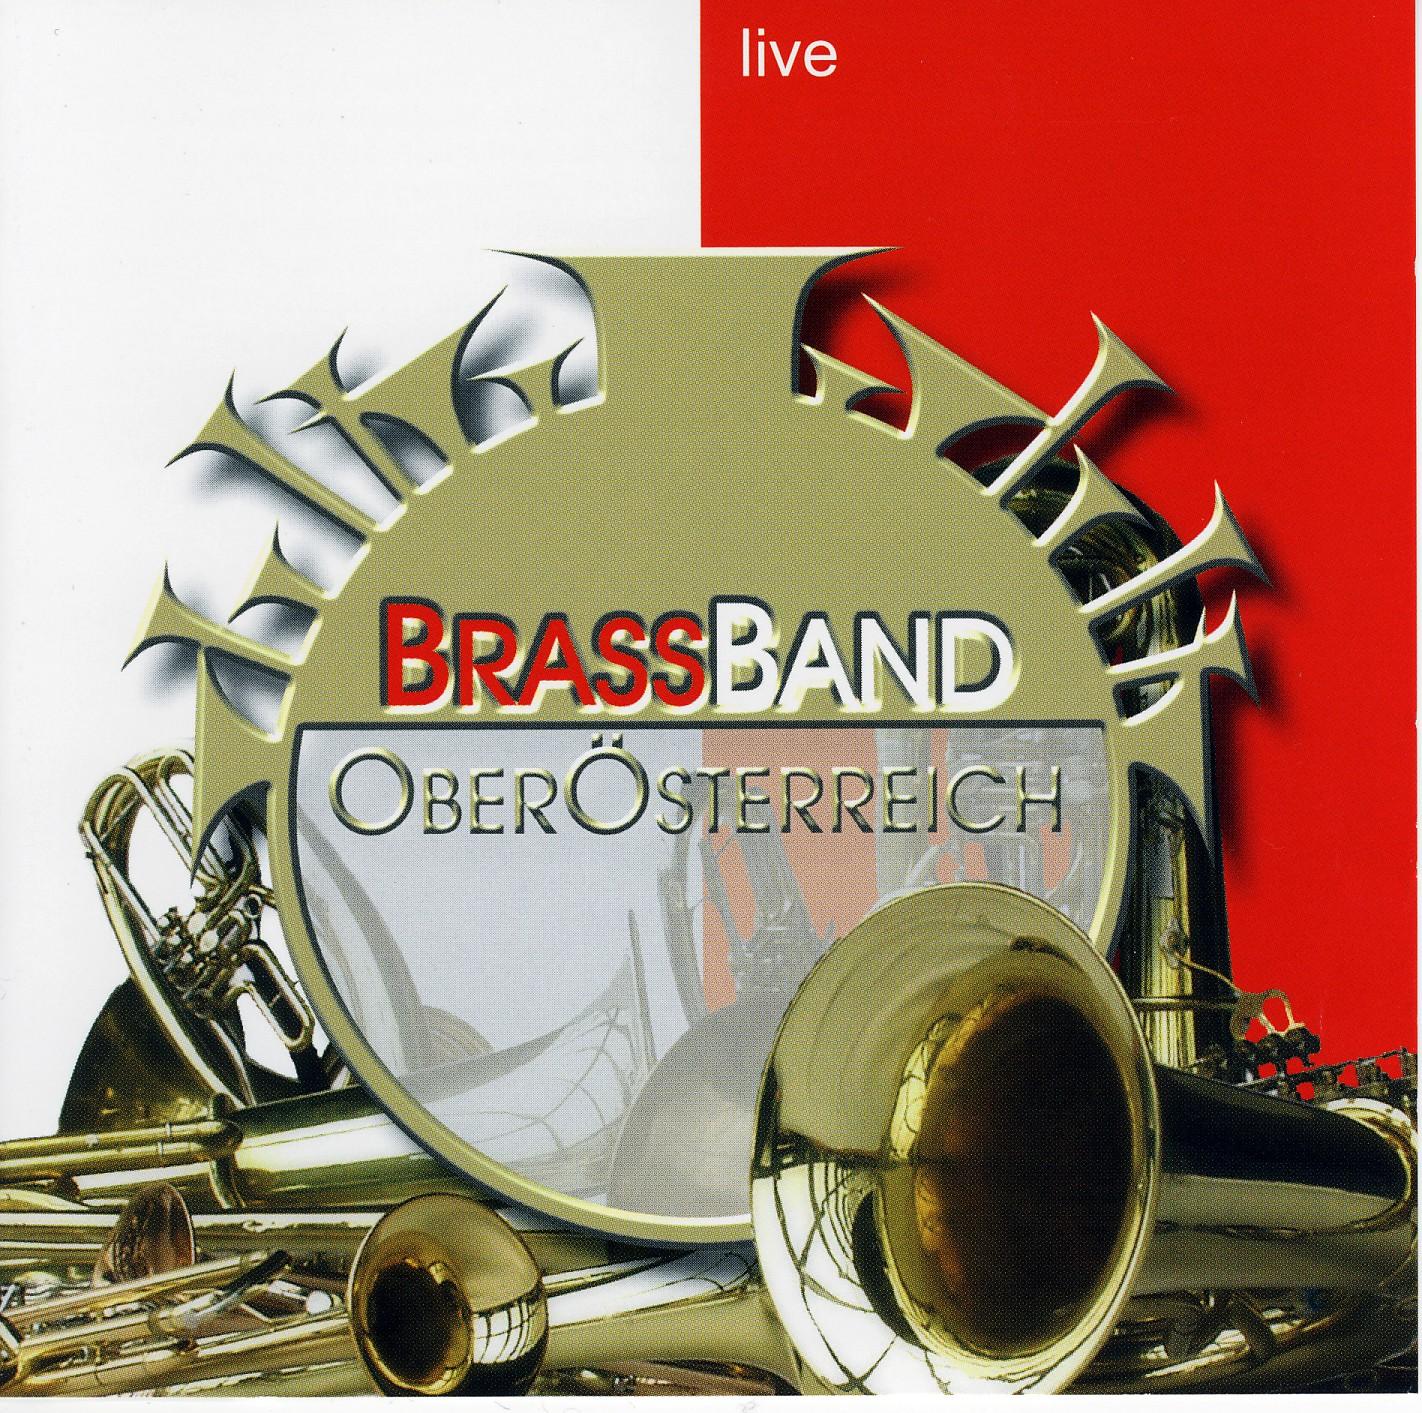 CD Brass Band Oeber Osterreich